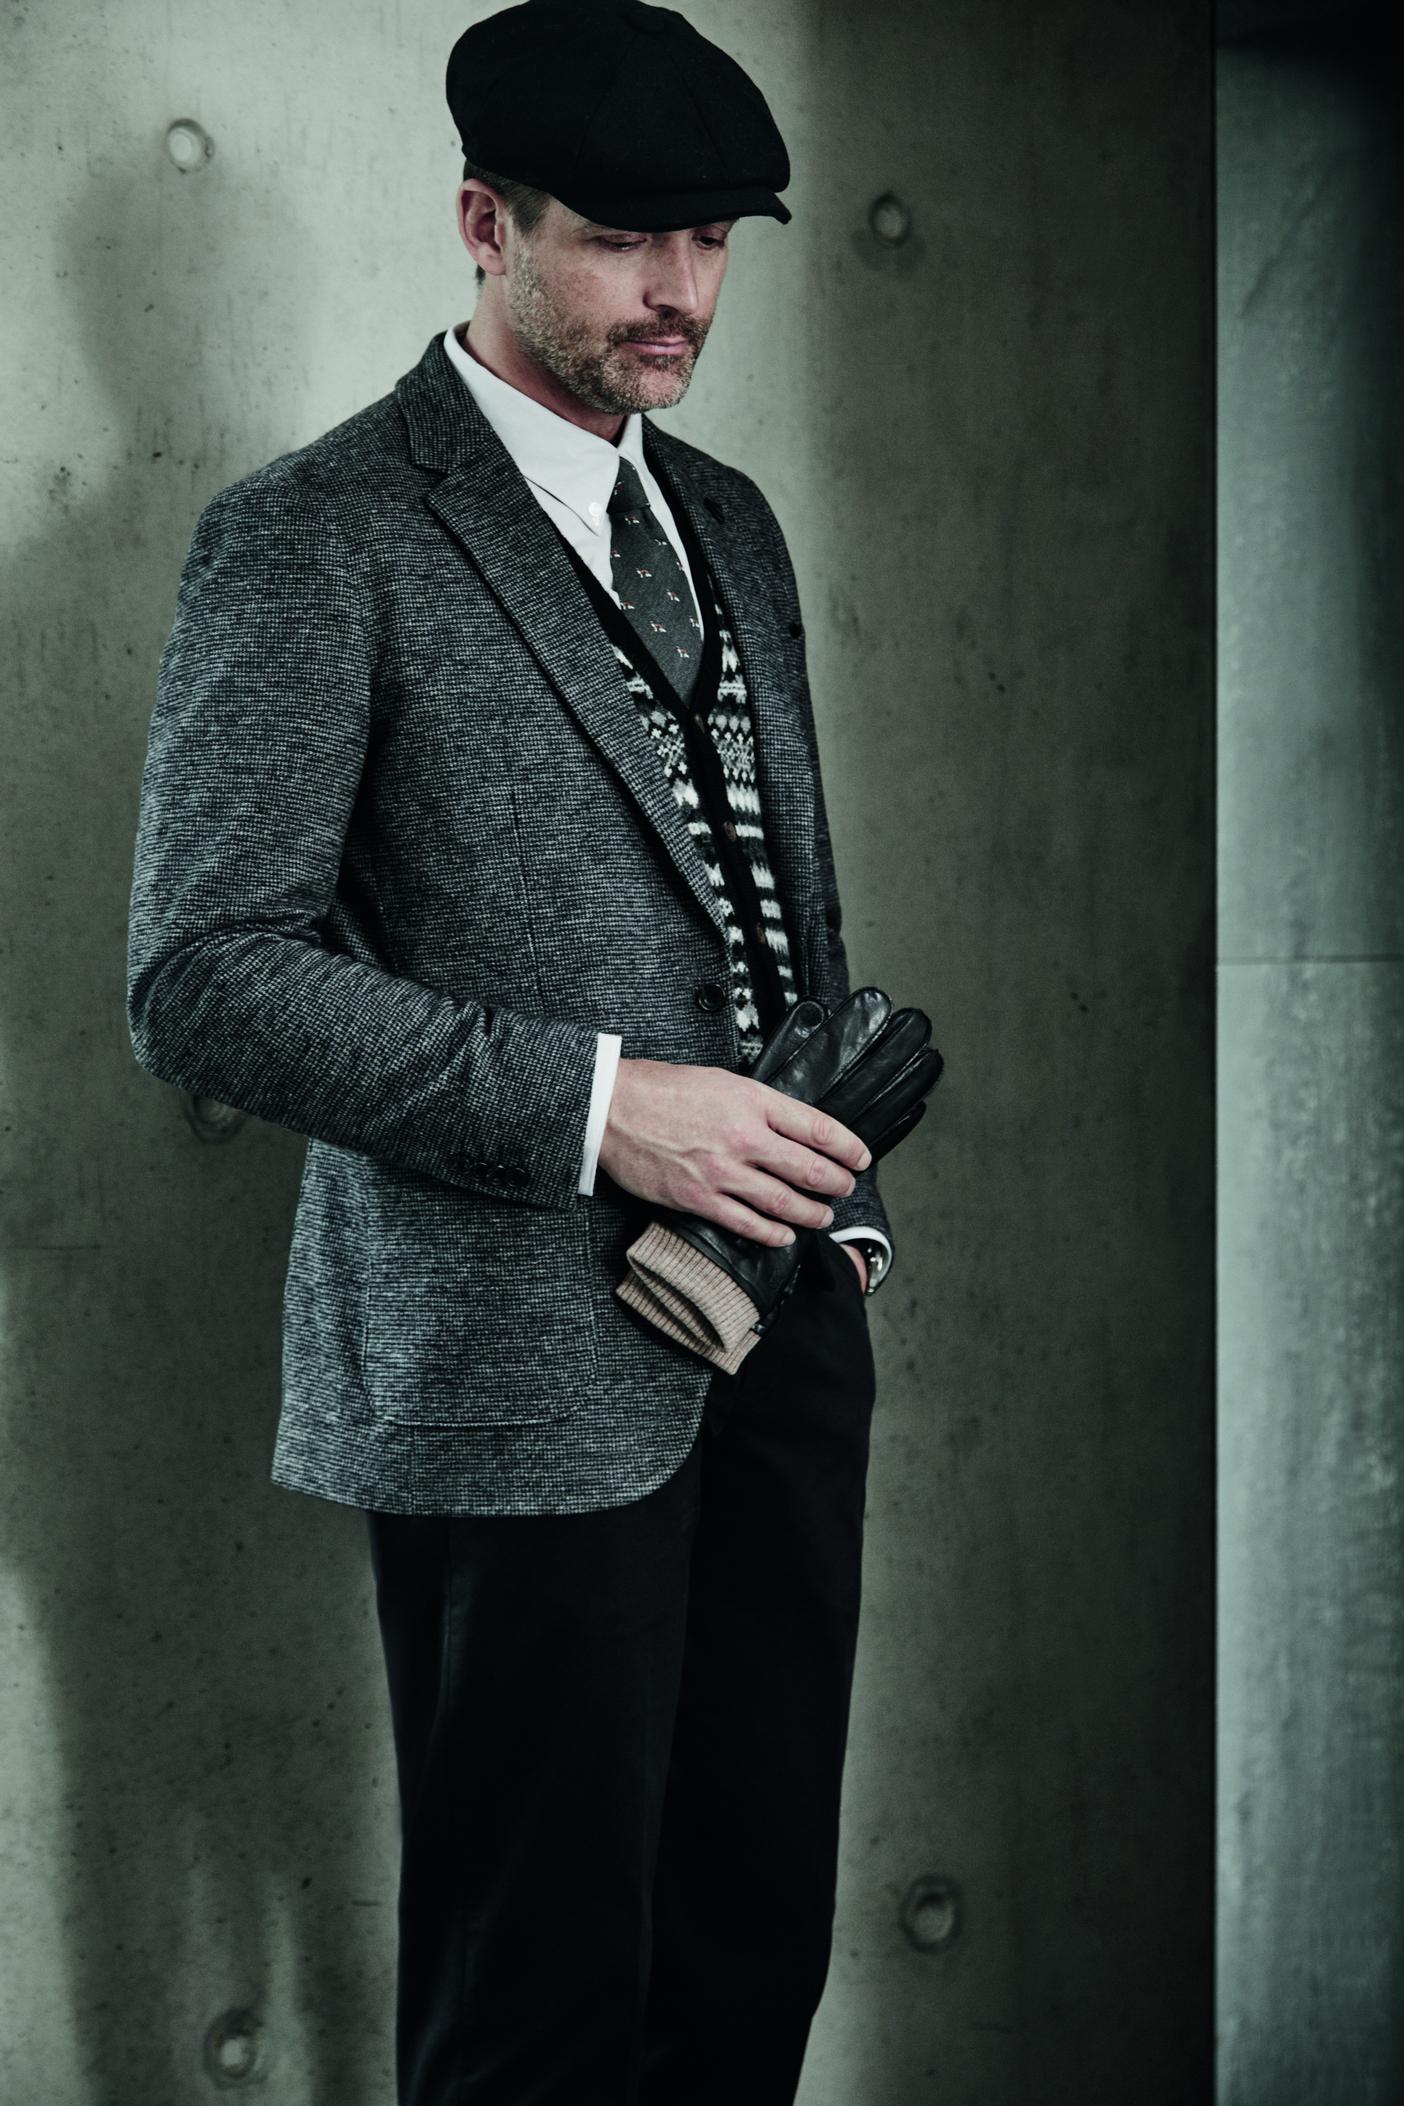 Debenhams Hammond & Co.Baker hat £30, Suit jacket £150,Shirt £42, Fox tie £20, Buttoned tank £45, Chinos £40, Gloves £40.jpg